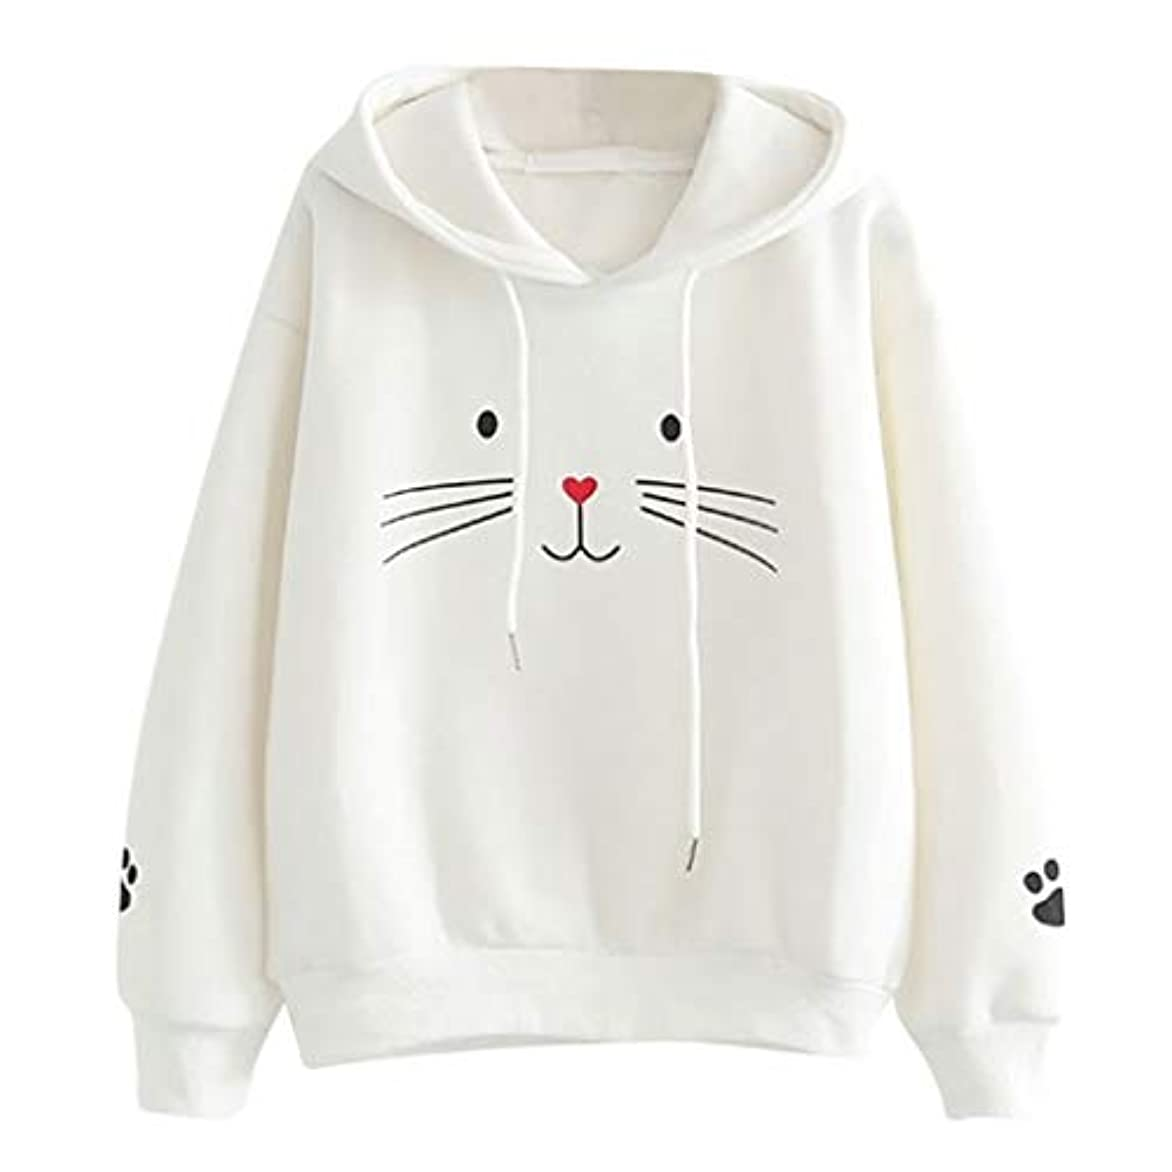 控えめな億示すパーカー レディース トレーナー プルオーバー スウェット シンプル かわいい 猫柄プルオーバーフード付き 森ガール カジュアル 可愛い Tシャツ カットソー ゆったり おしゃれ 長袖 シャツ 薄手 ゆったり 韓国ファッション トップス